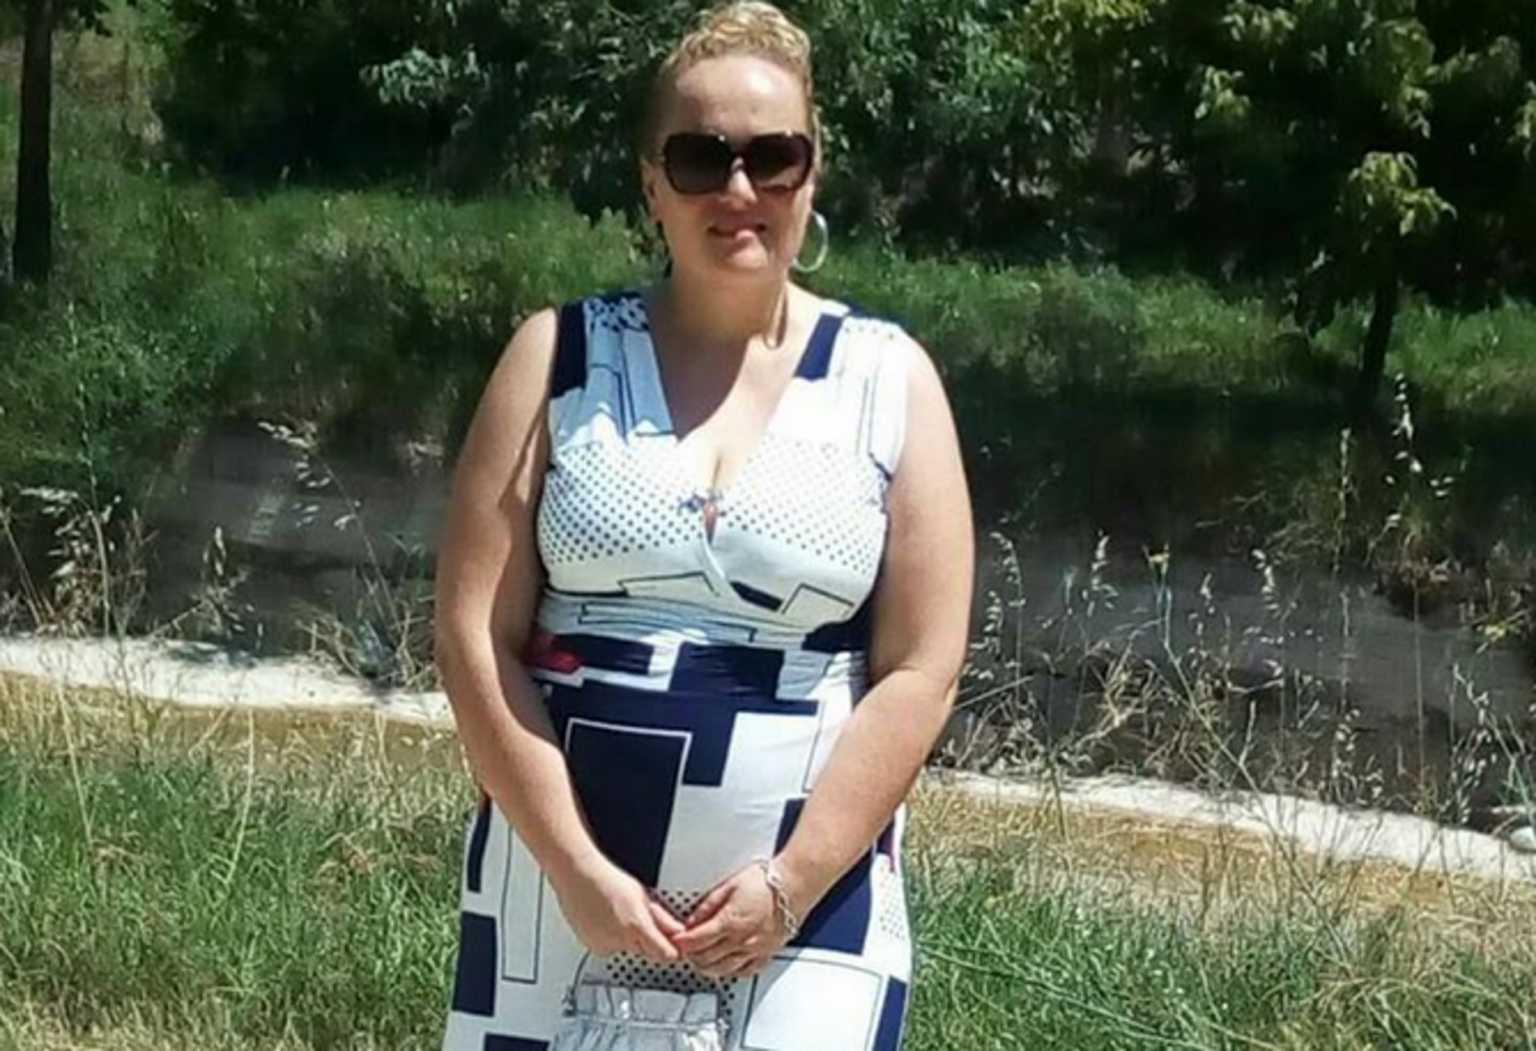 Λάρισα: Σκοτώθηκε μπροστά στην αδερφή της σε φοβερό τροχαίο! Το τραγικό παιχνίδι της μοίρας